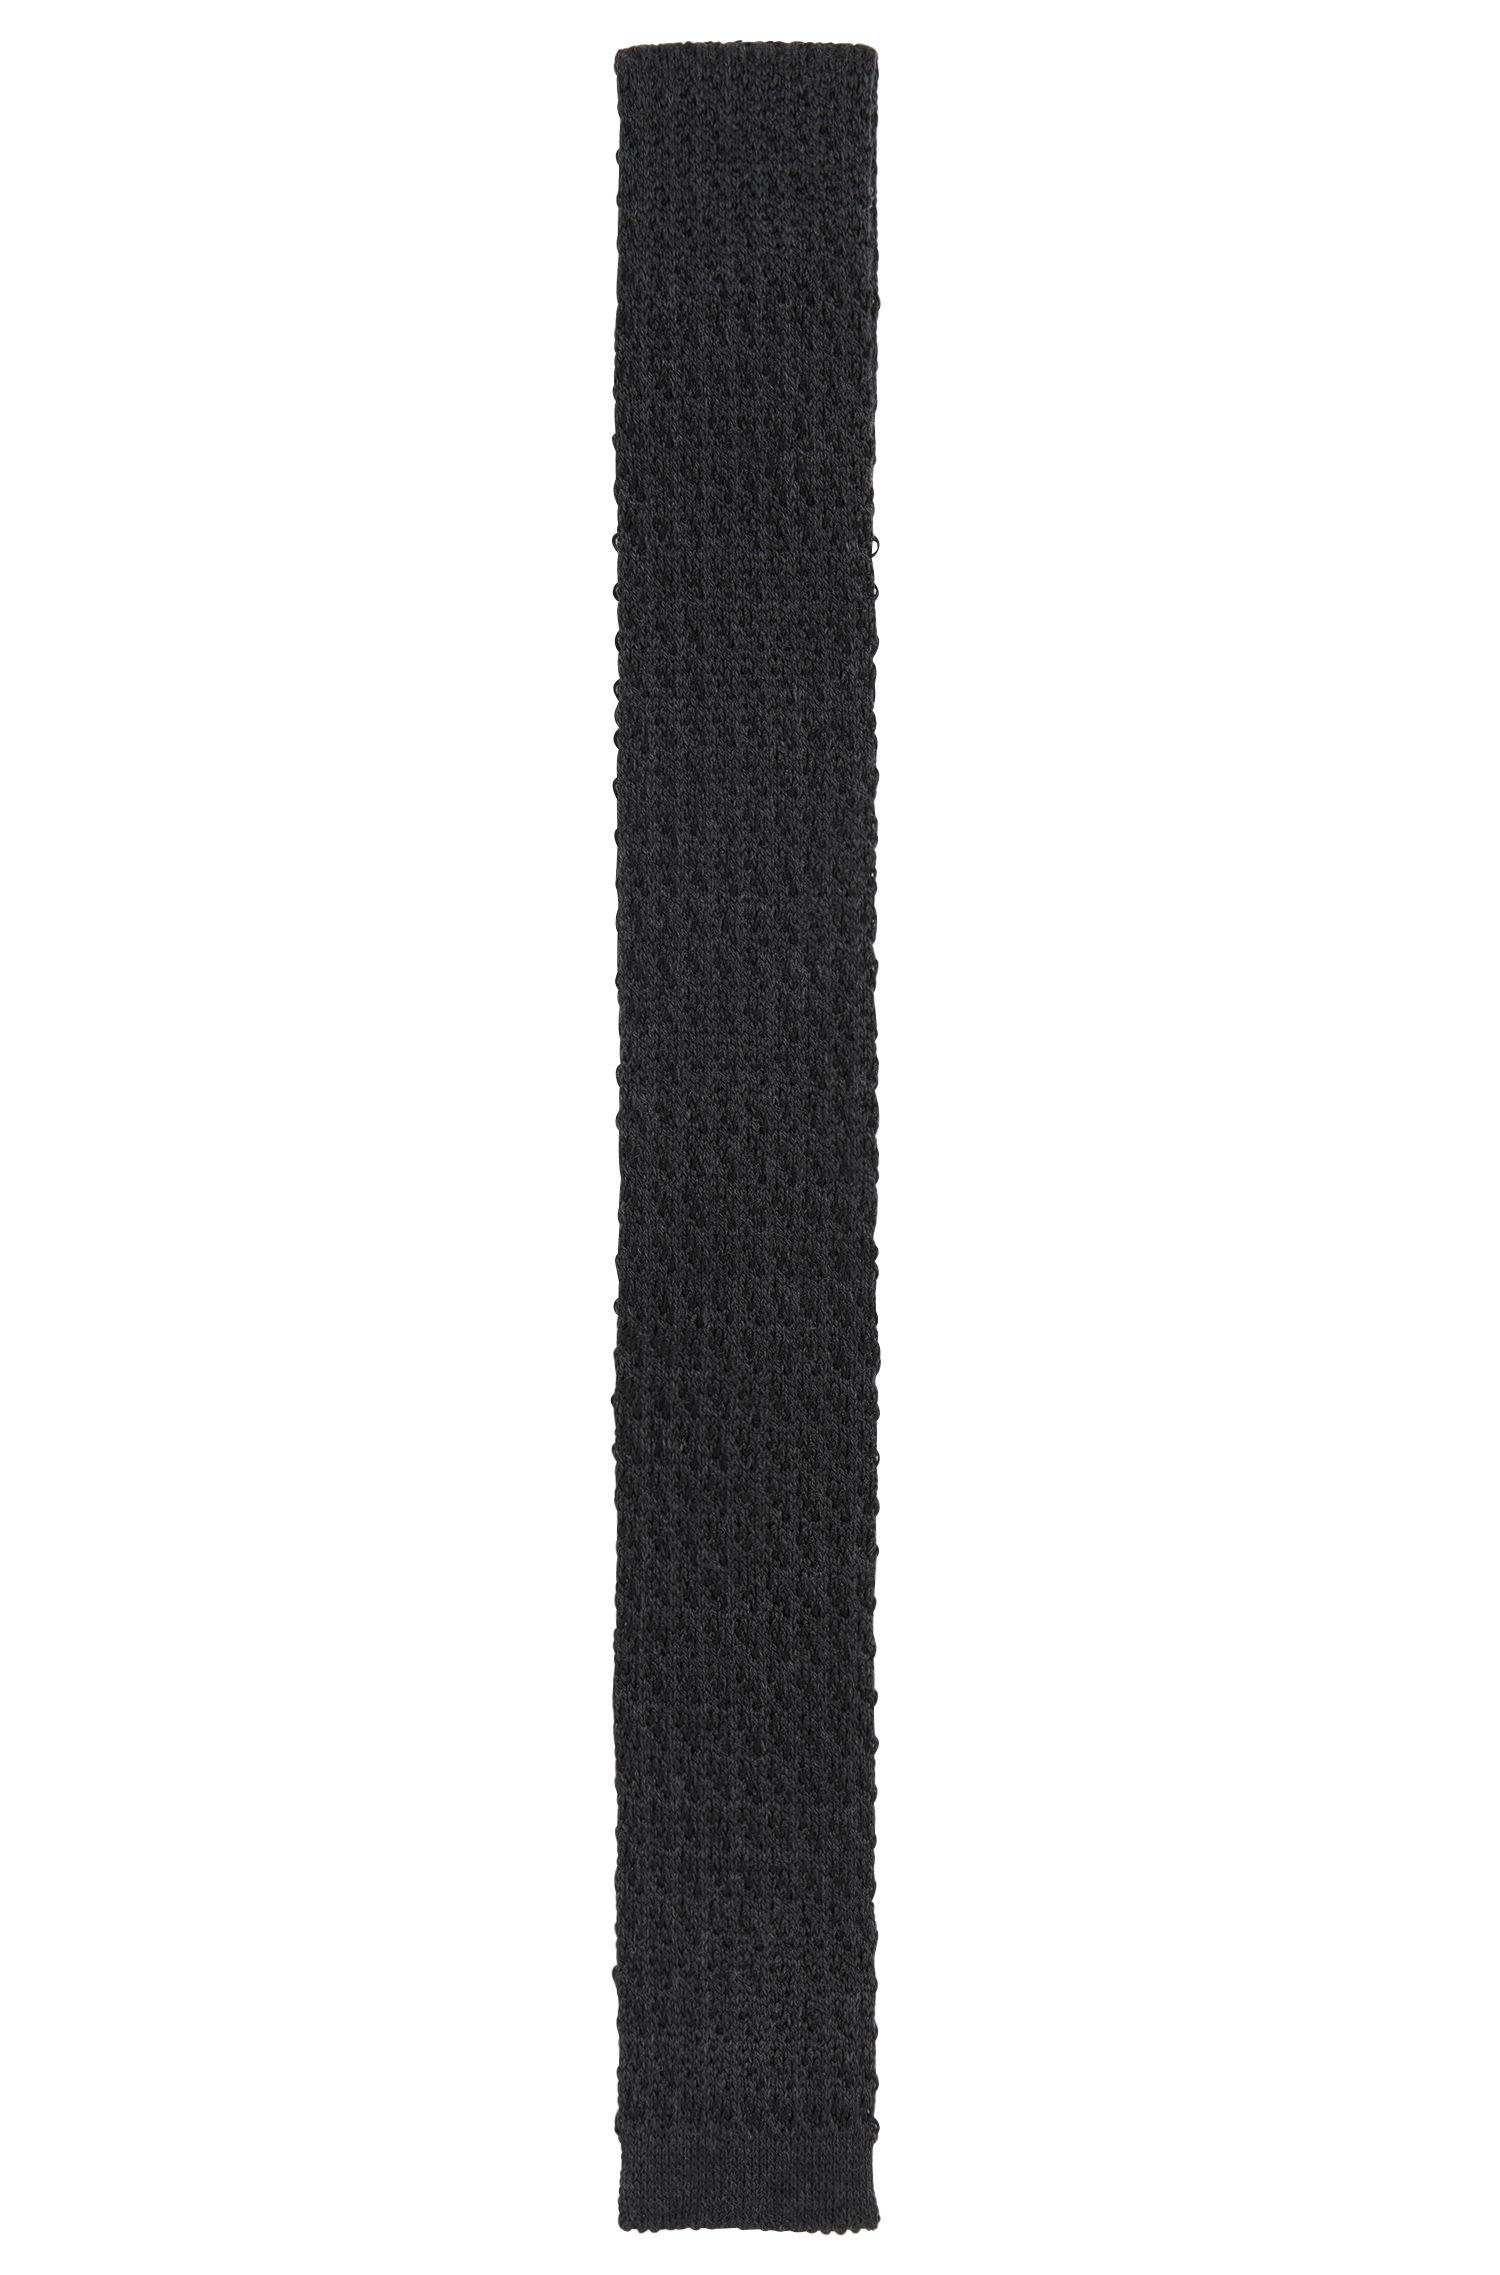 Krawatte aus Woll-Mix mit Seide in Strick-Qualität: 'Tie 5 cm knitted'